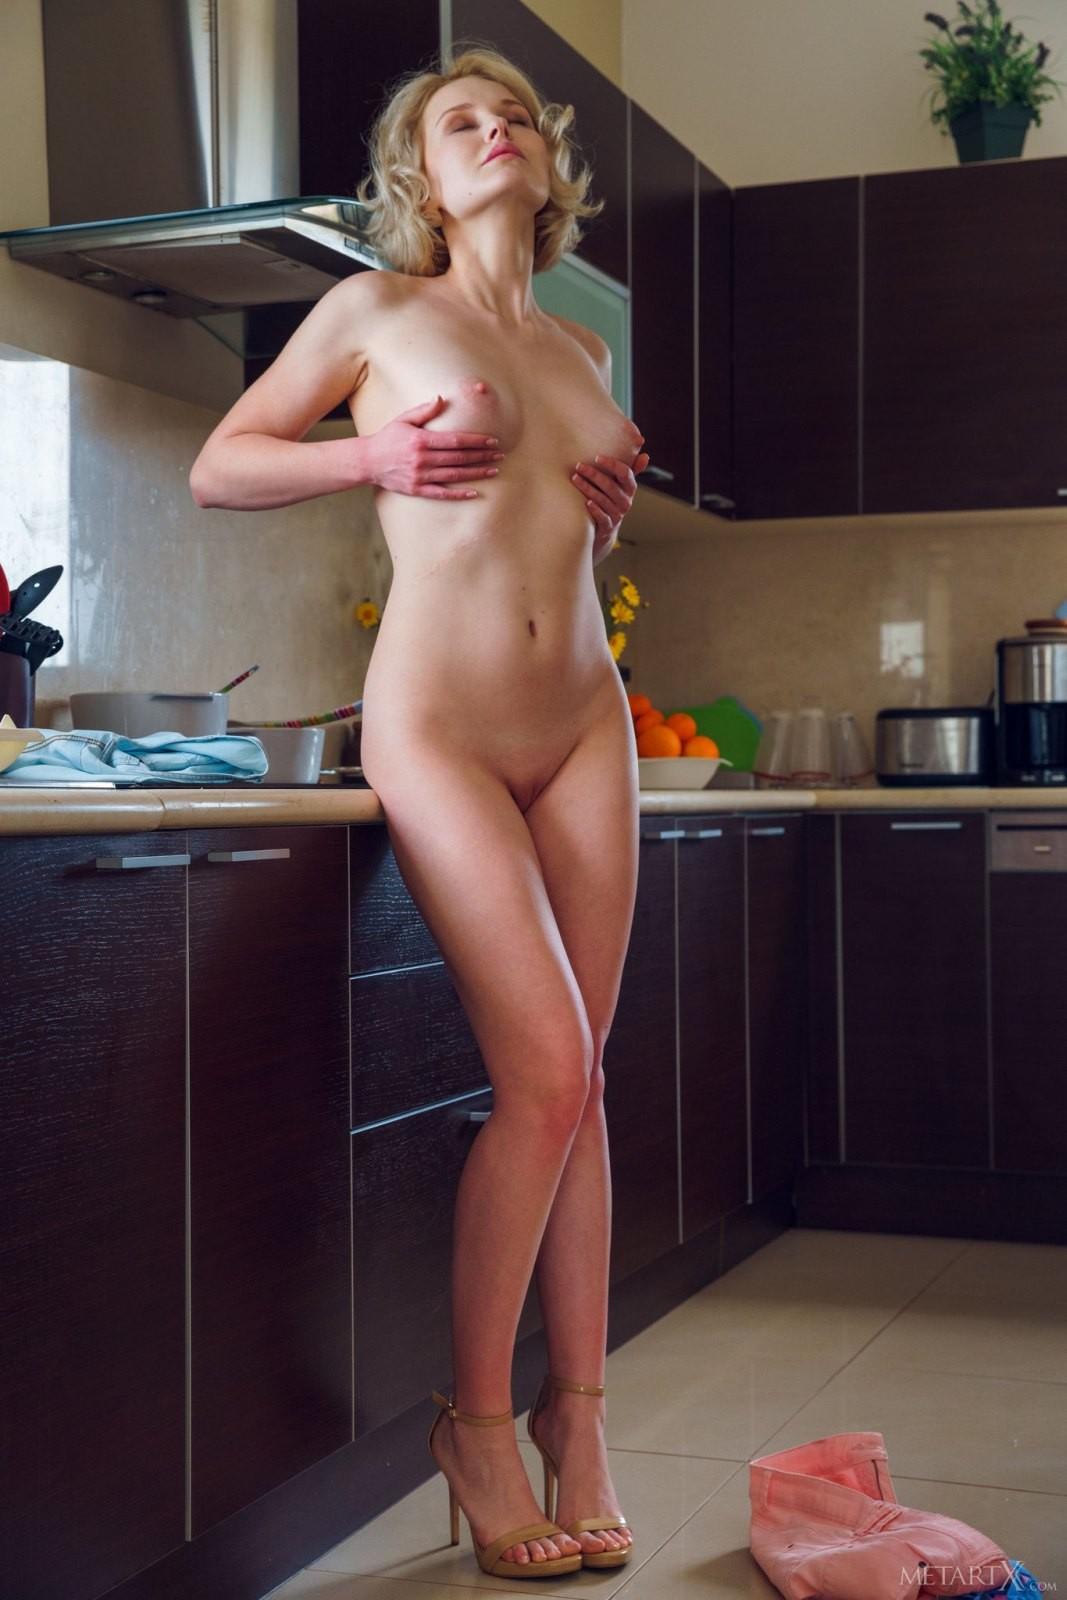 Домохозяйка снимает трусики на кухне - фото